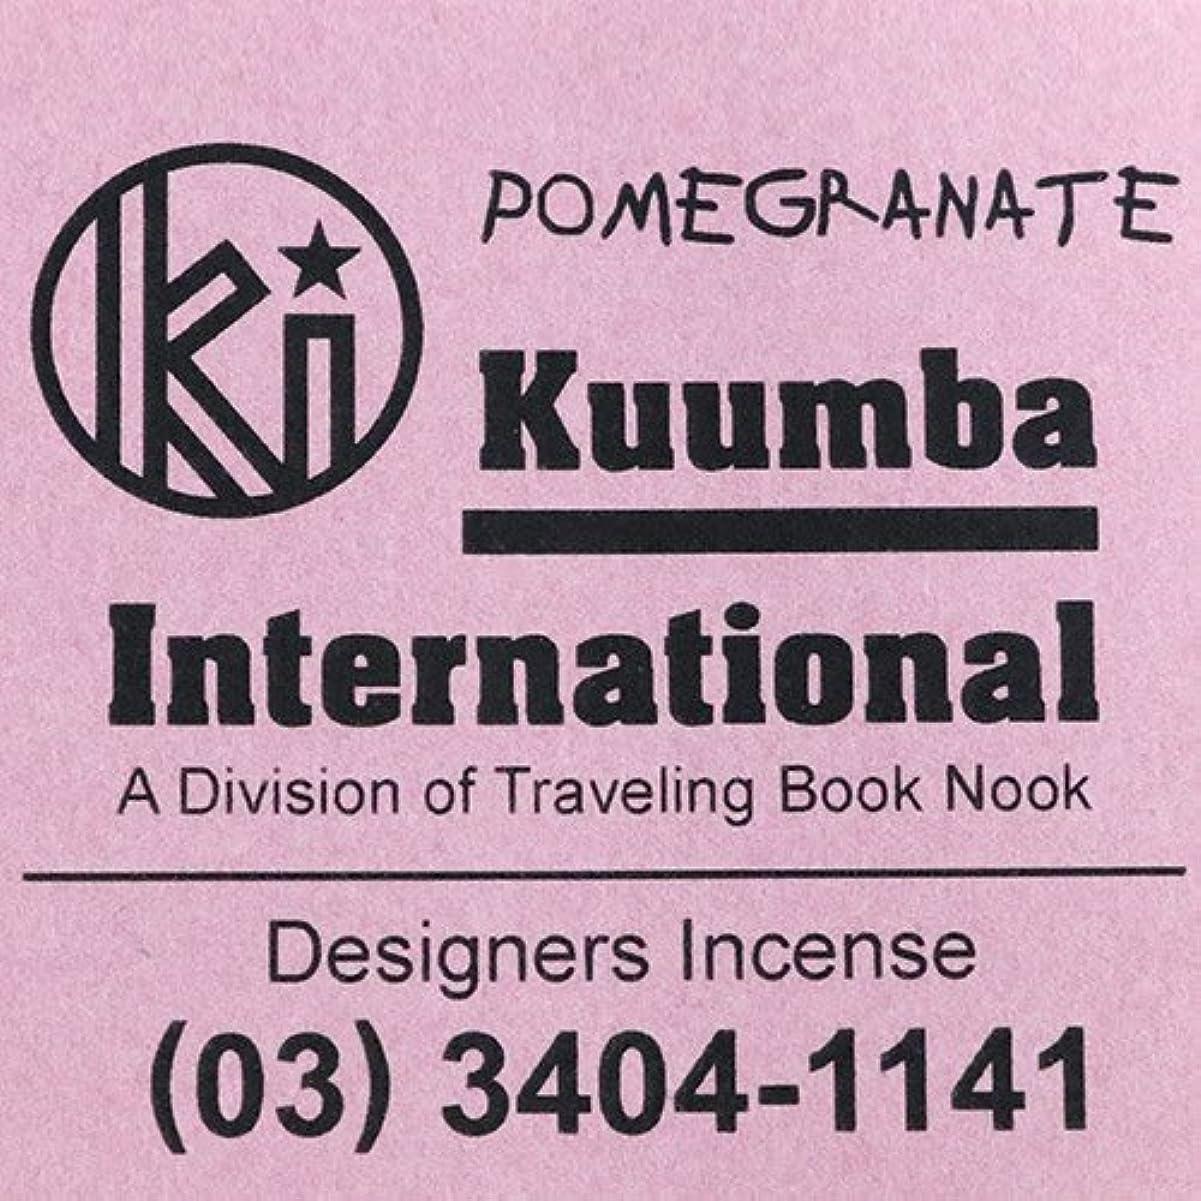 変装拷問散逸(クンバ) KUUMBA『incense』(POMEGRANATE) (Regular size)